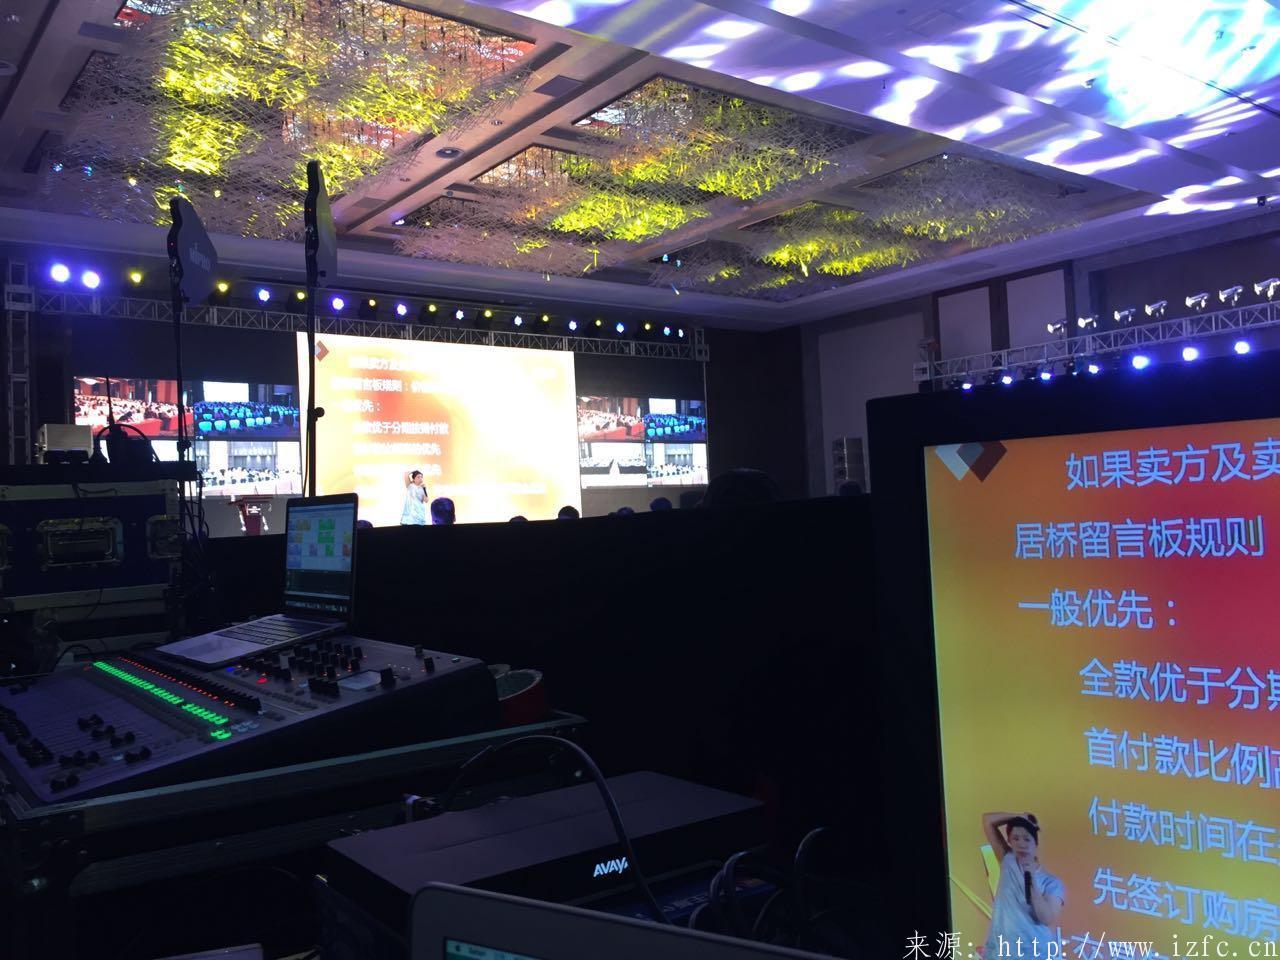 全国各地多方产品发布会用AVAYA贝思迪讯视频会议系统,多地互动,一切就那么简单!